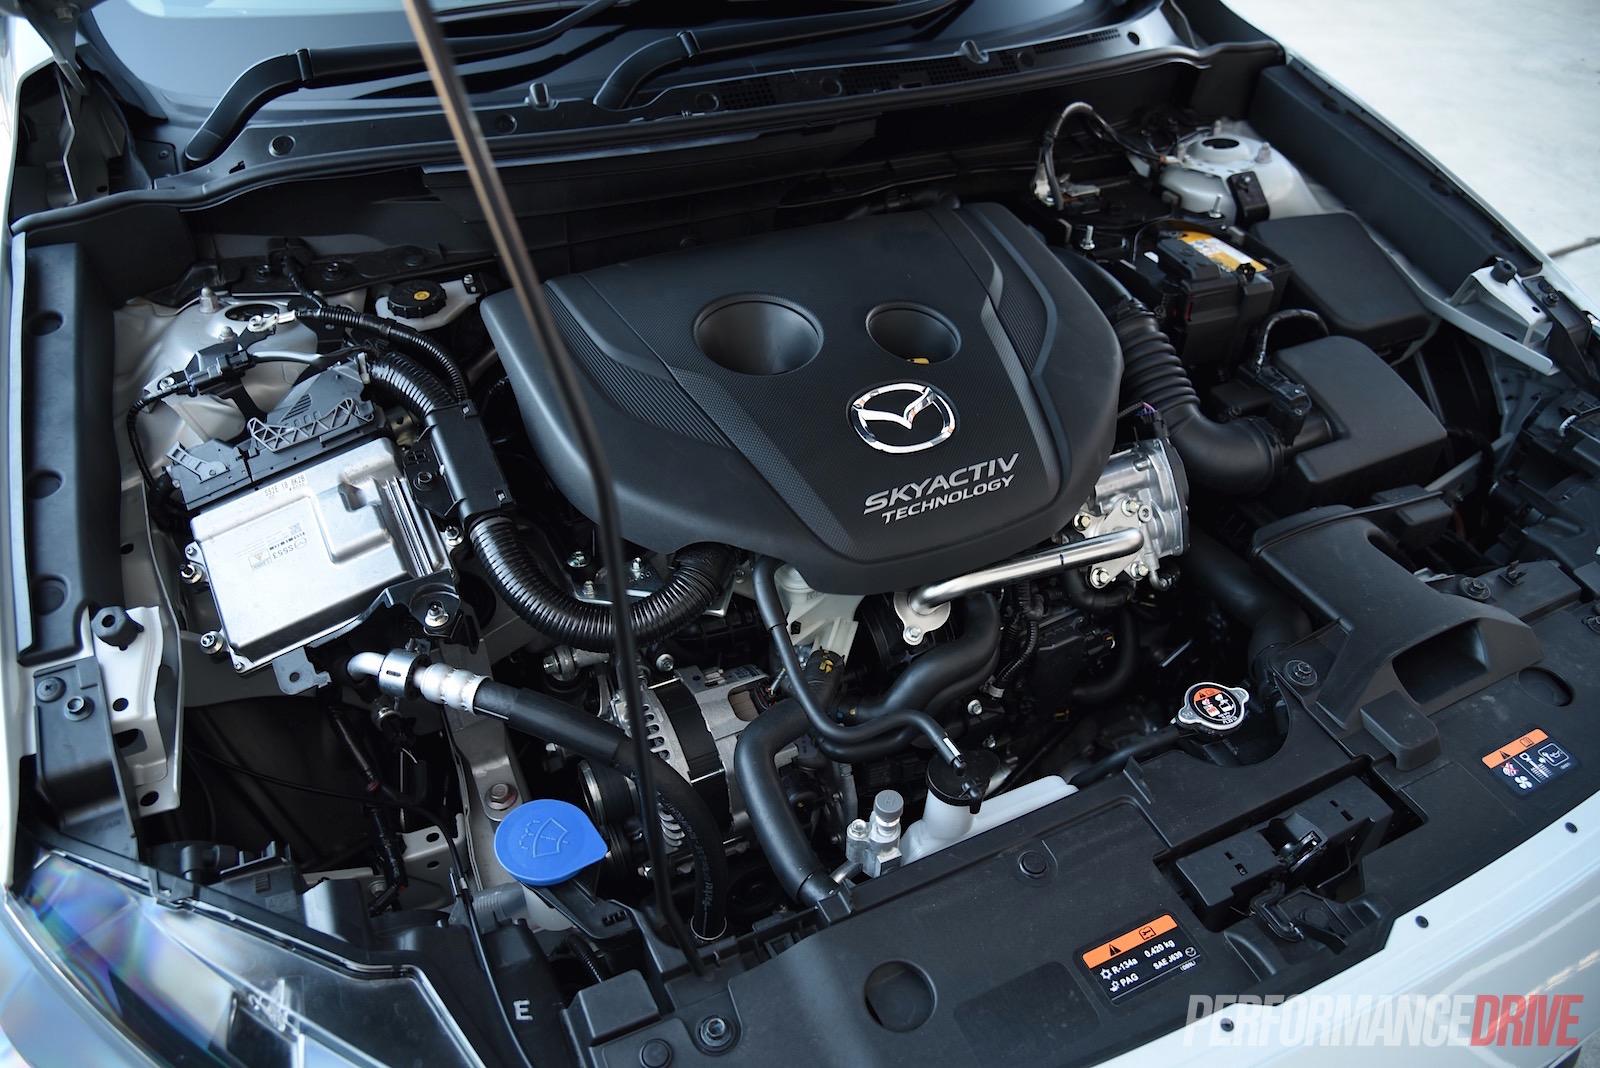 Mazda Cx 5 Diesel >> 2015 Mazda CX-3 Maxx 1.5 diesel review (video ...